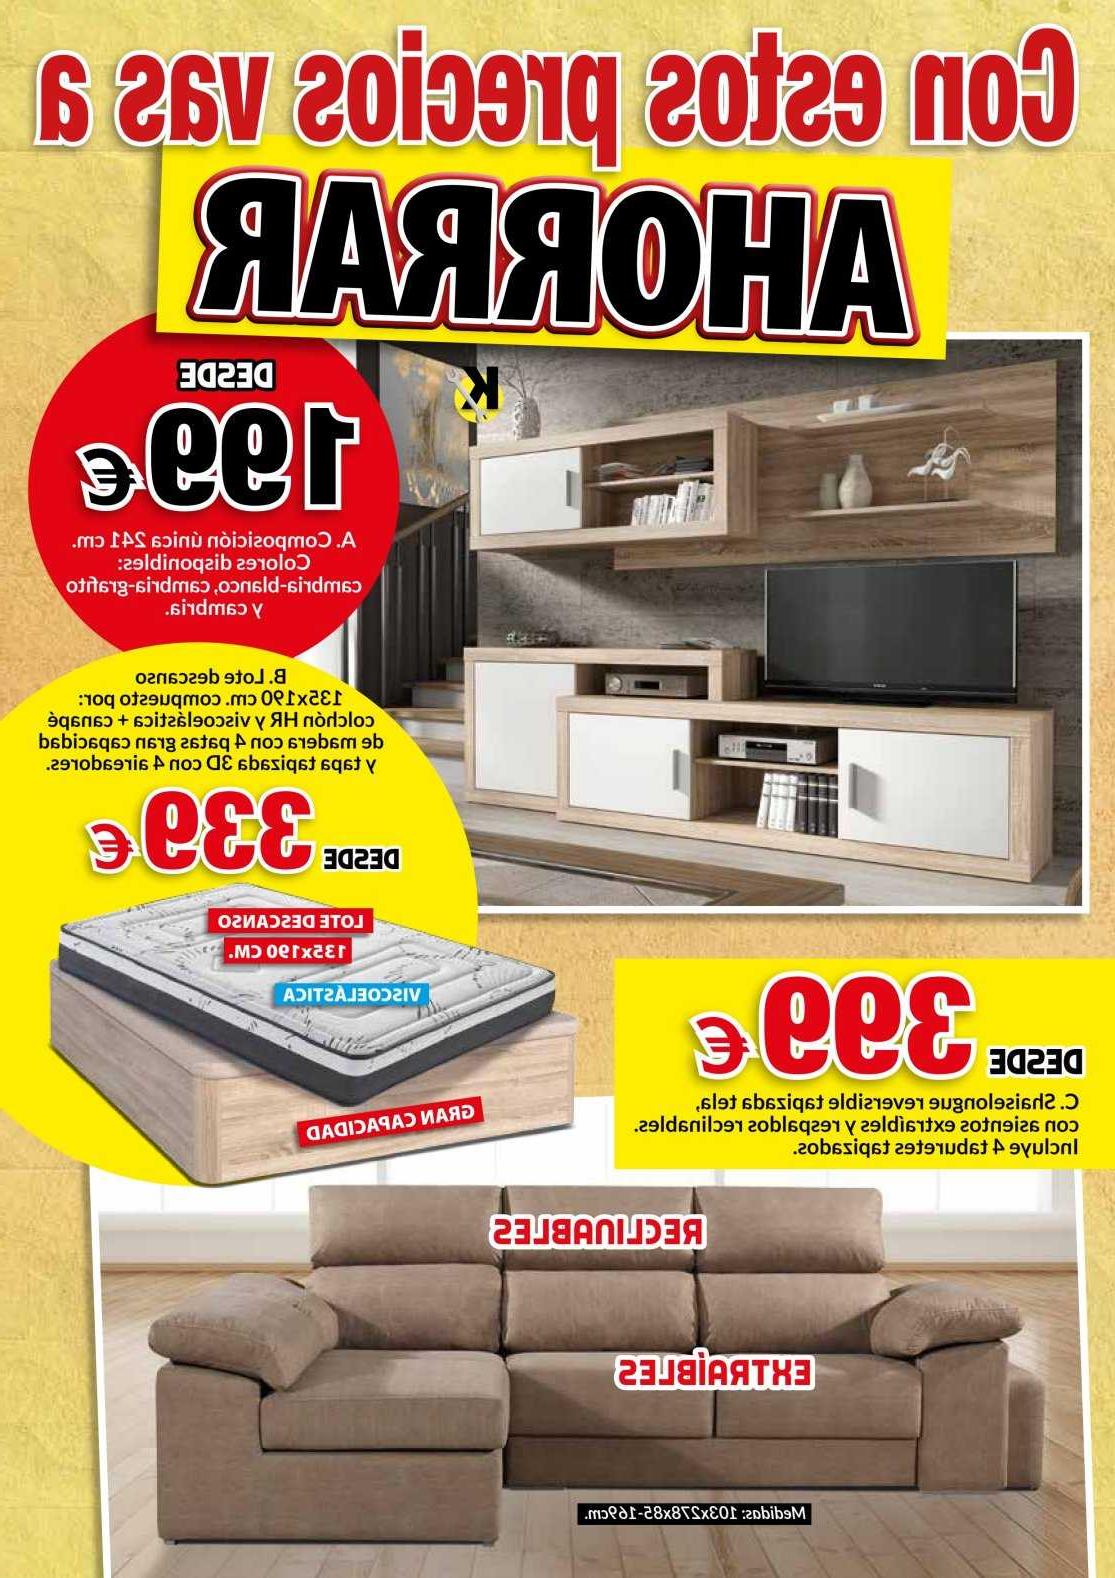 Factory Del Mueble Bqdd Factory Muebles En Decoracion Planos Tu Del Mueble Sevilla Utrera